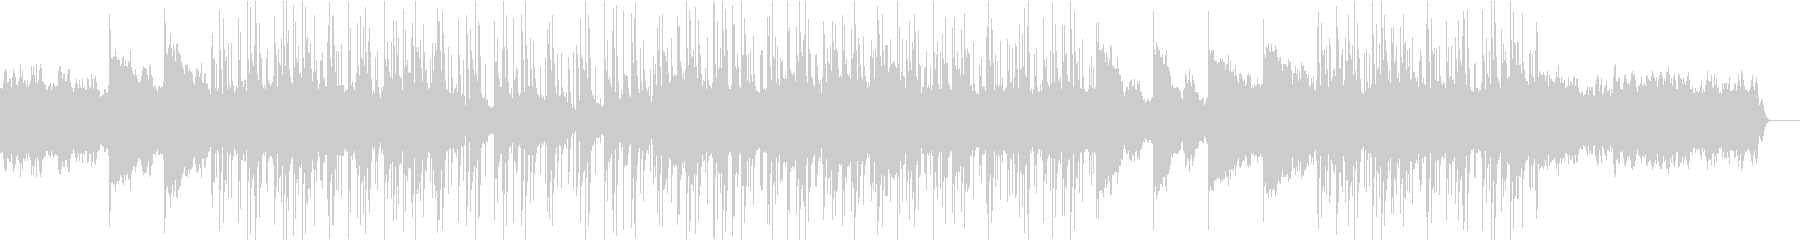 爽やかなアルペジオ - POPの未再生の波形